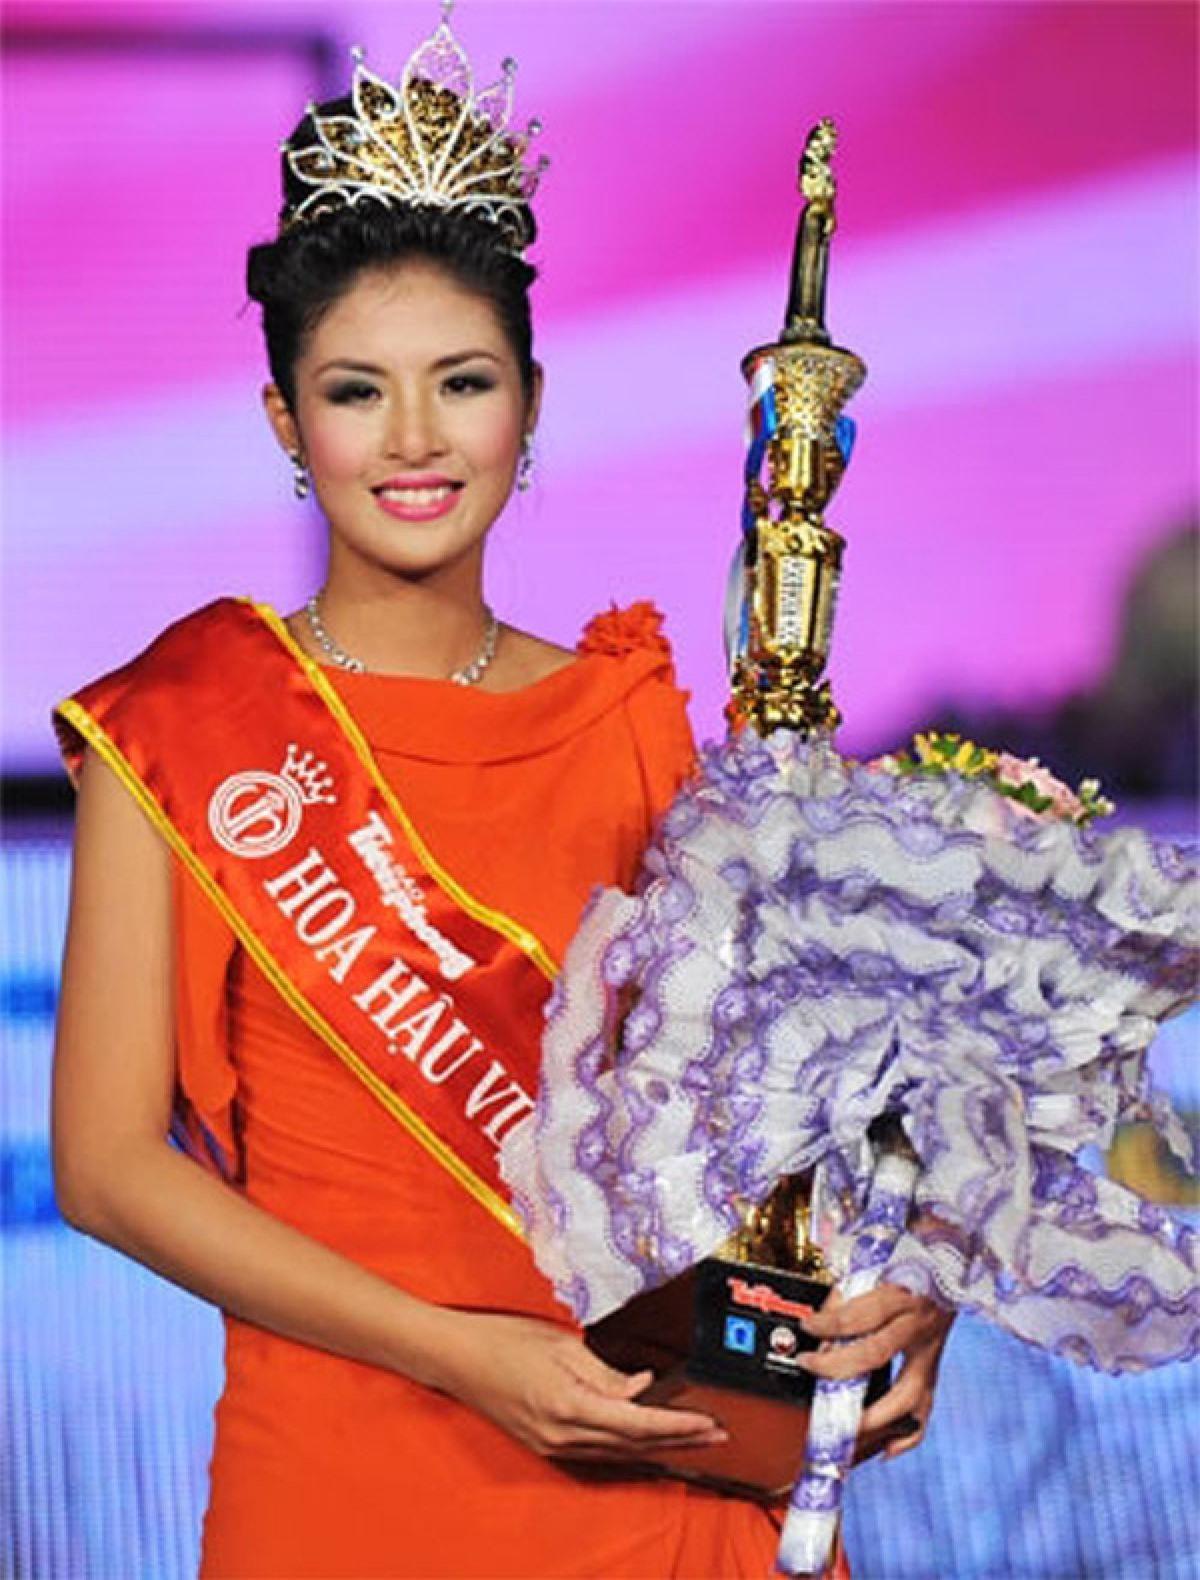 6 người đẹp ở Hà Nội từng đăng quang Hoa hậu Việt Nam ảnh 13